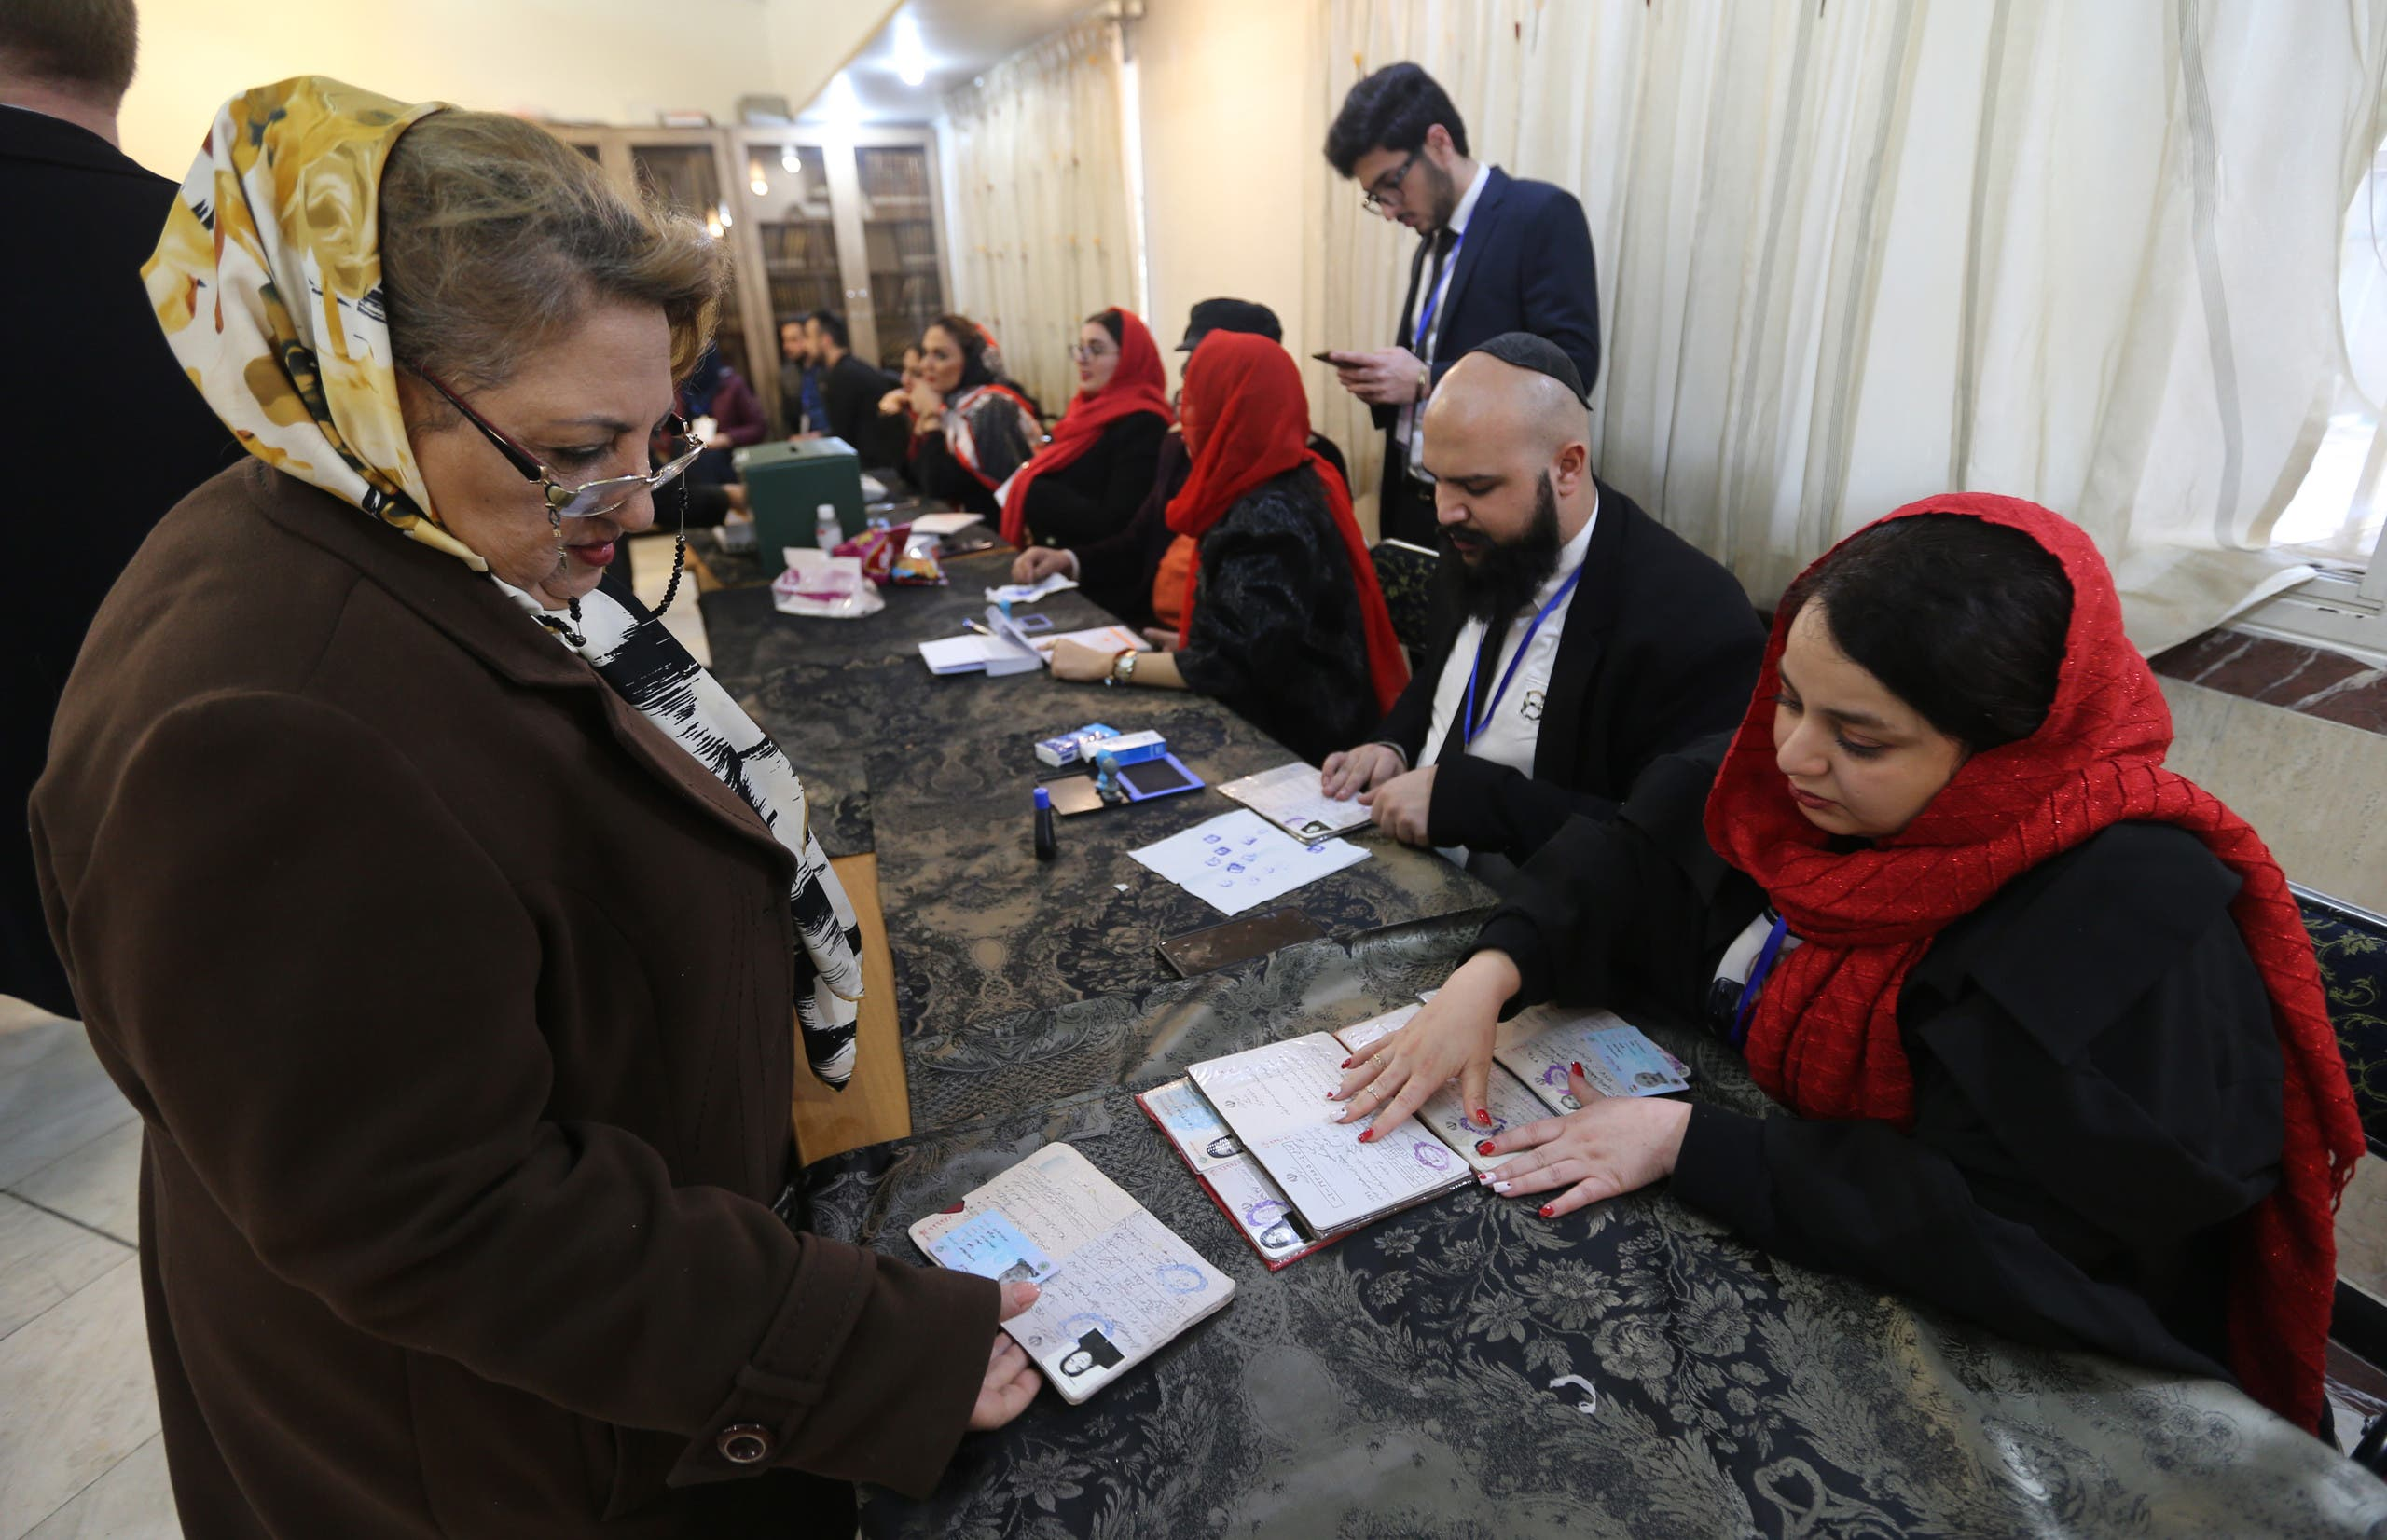 من طهران يوم 21 فبراير